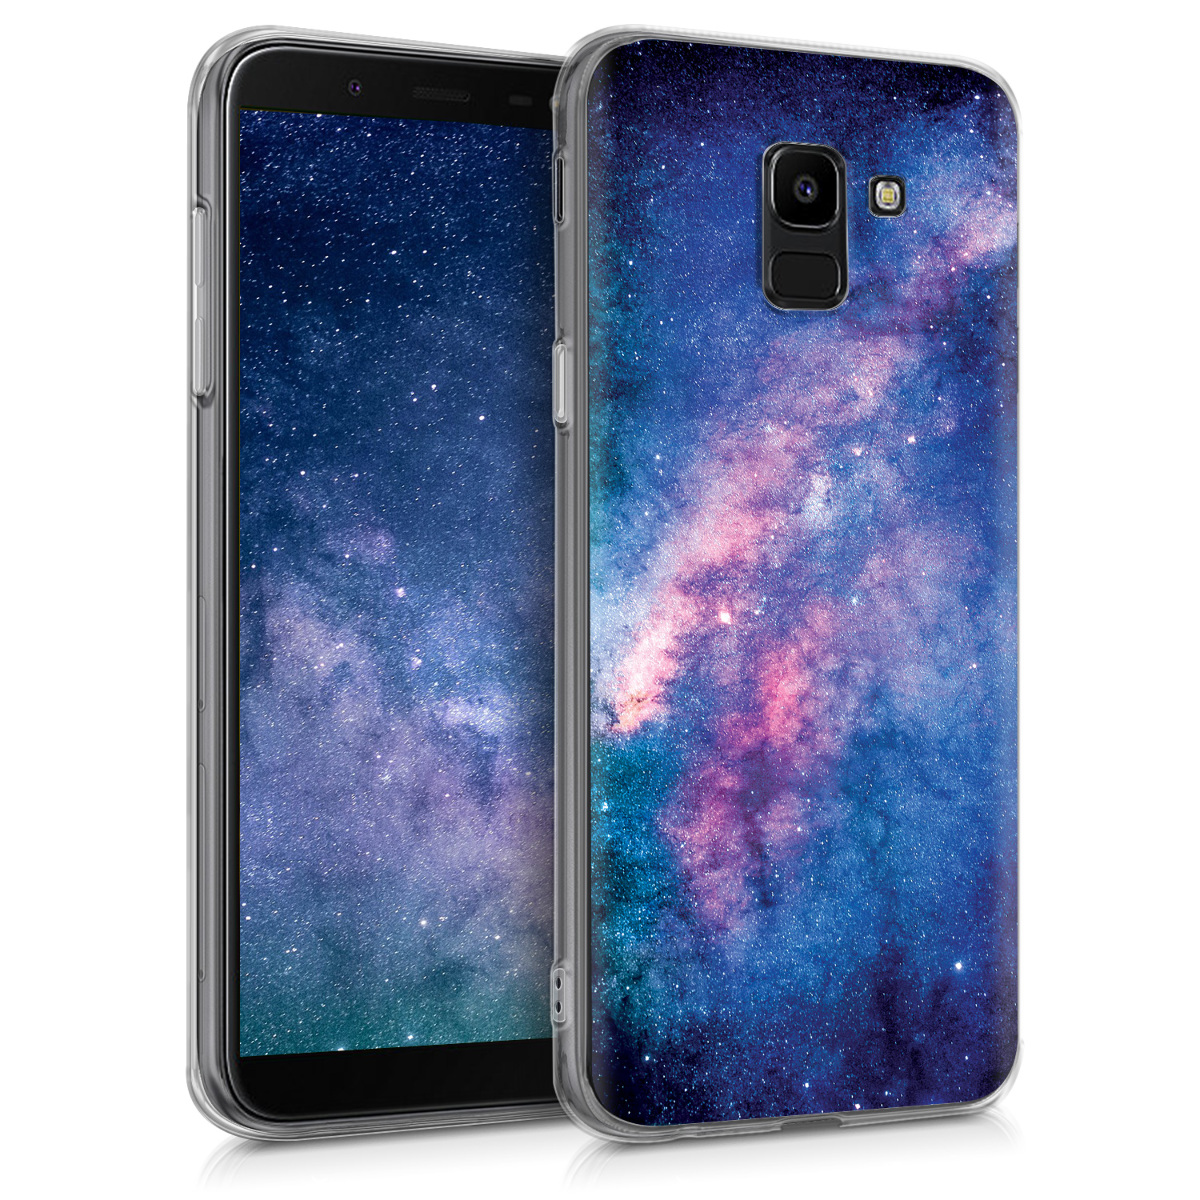 Kvalitní silikonové TPU pouzdro pro Samsung J6 - Starry Galaxy světle  růžová / tmavě růžová / tmavě modré